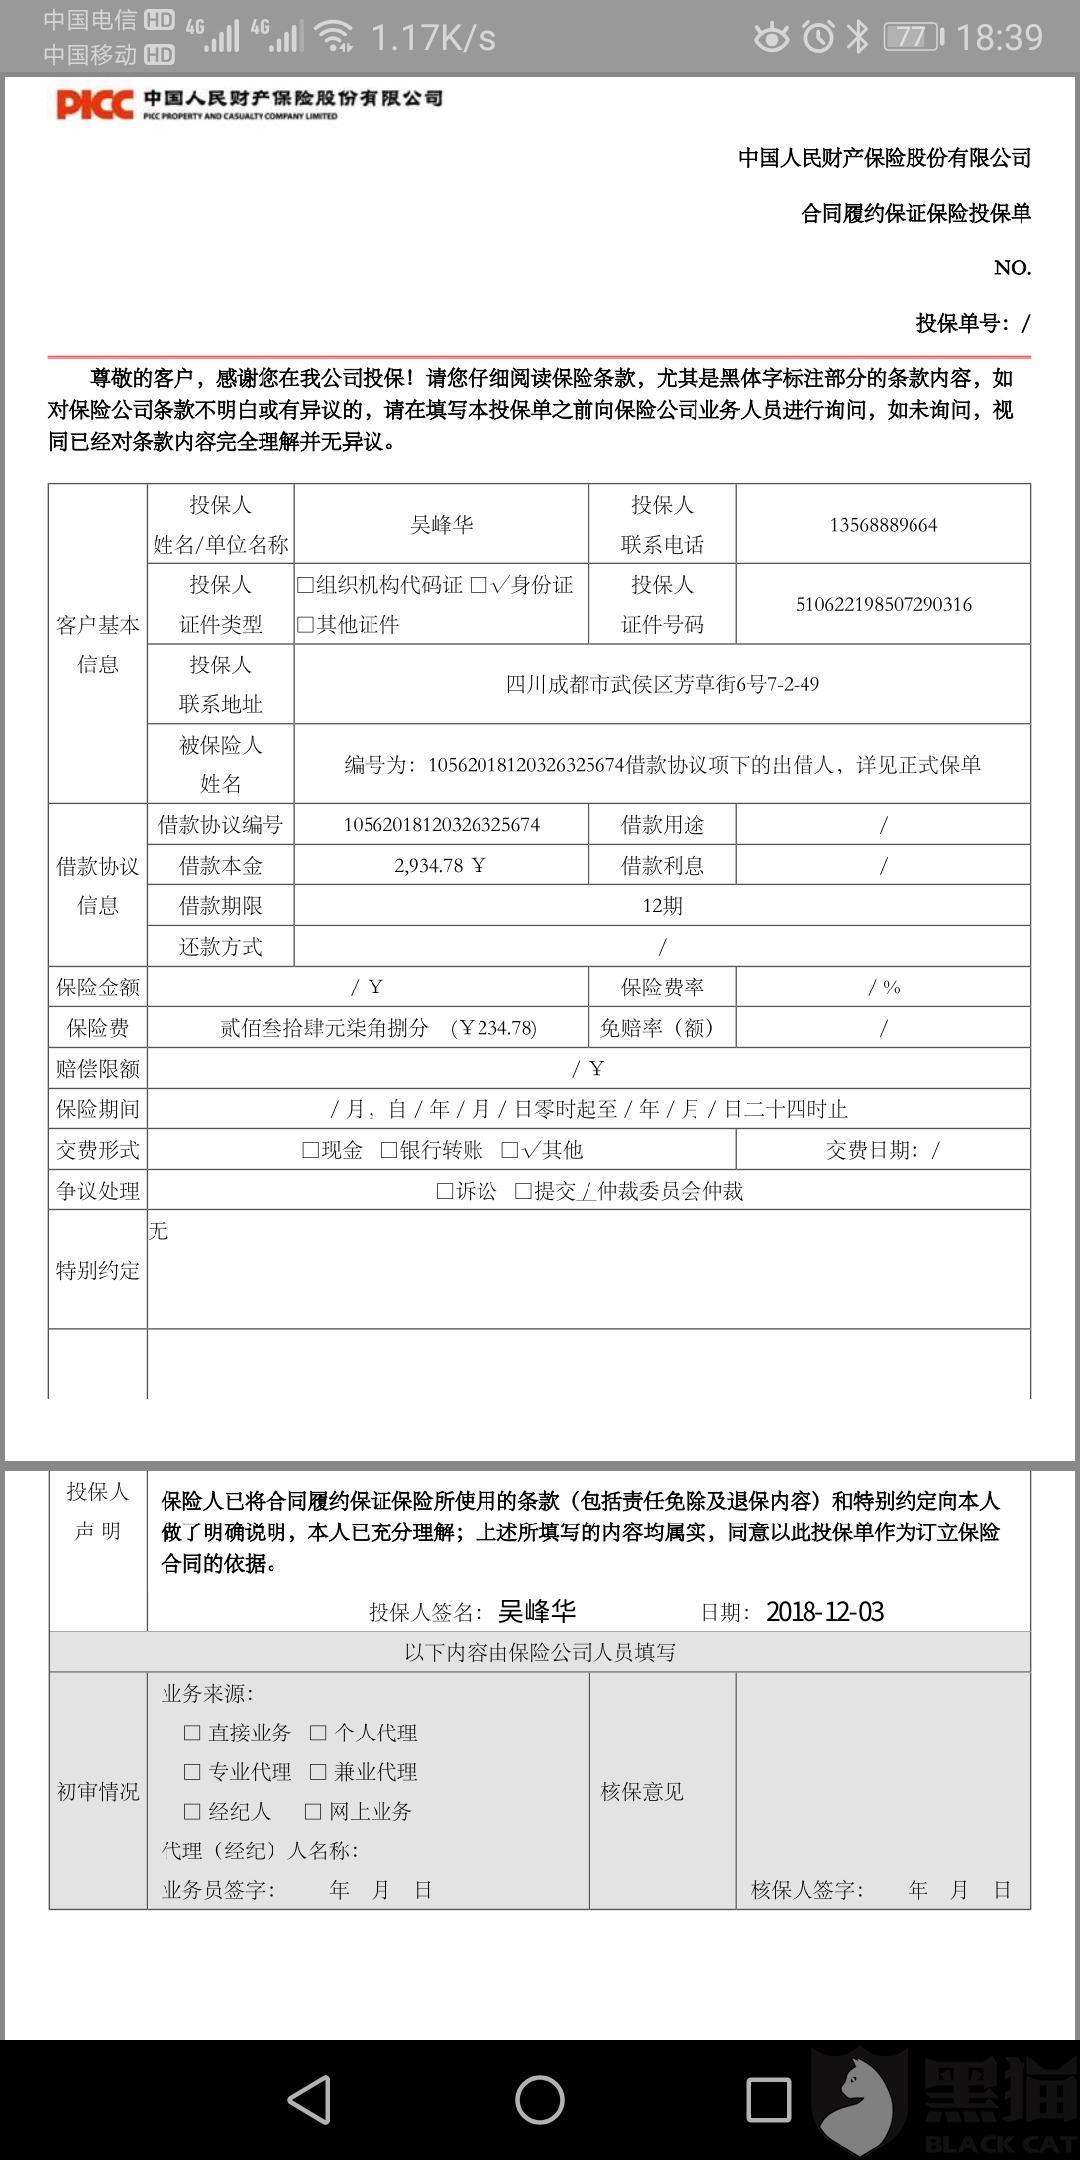 黑猫投诉:中国人民财产保险股份有限公司佛山分公司违规搭售保险